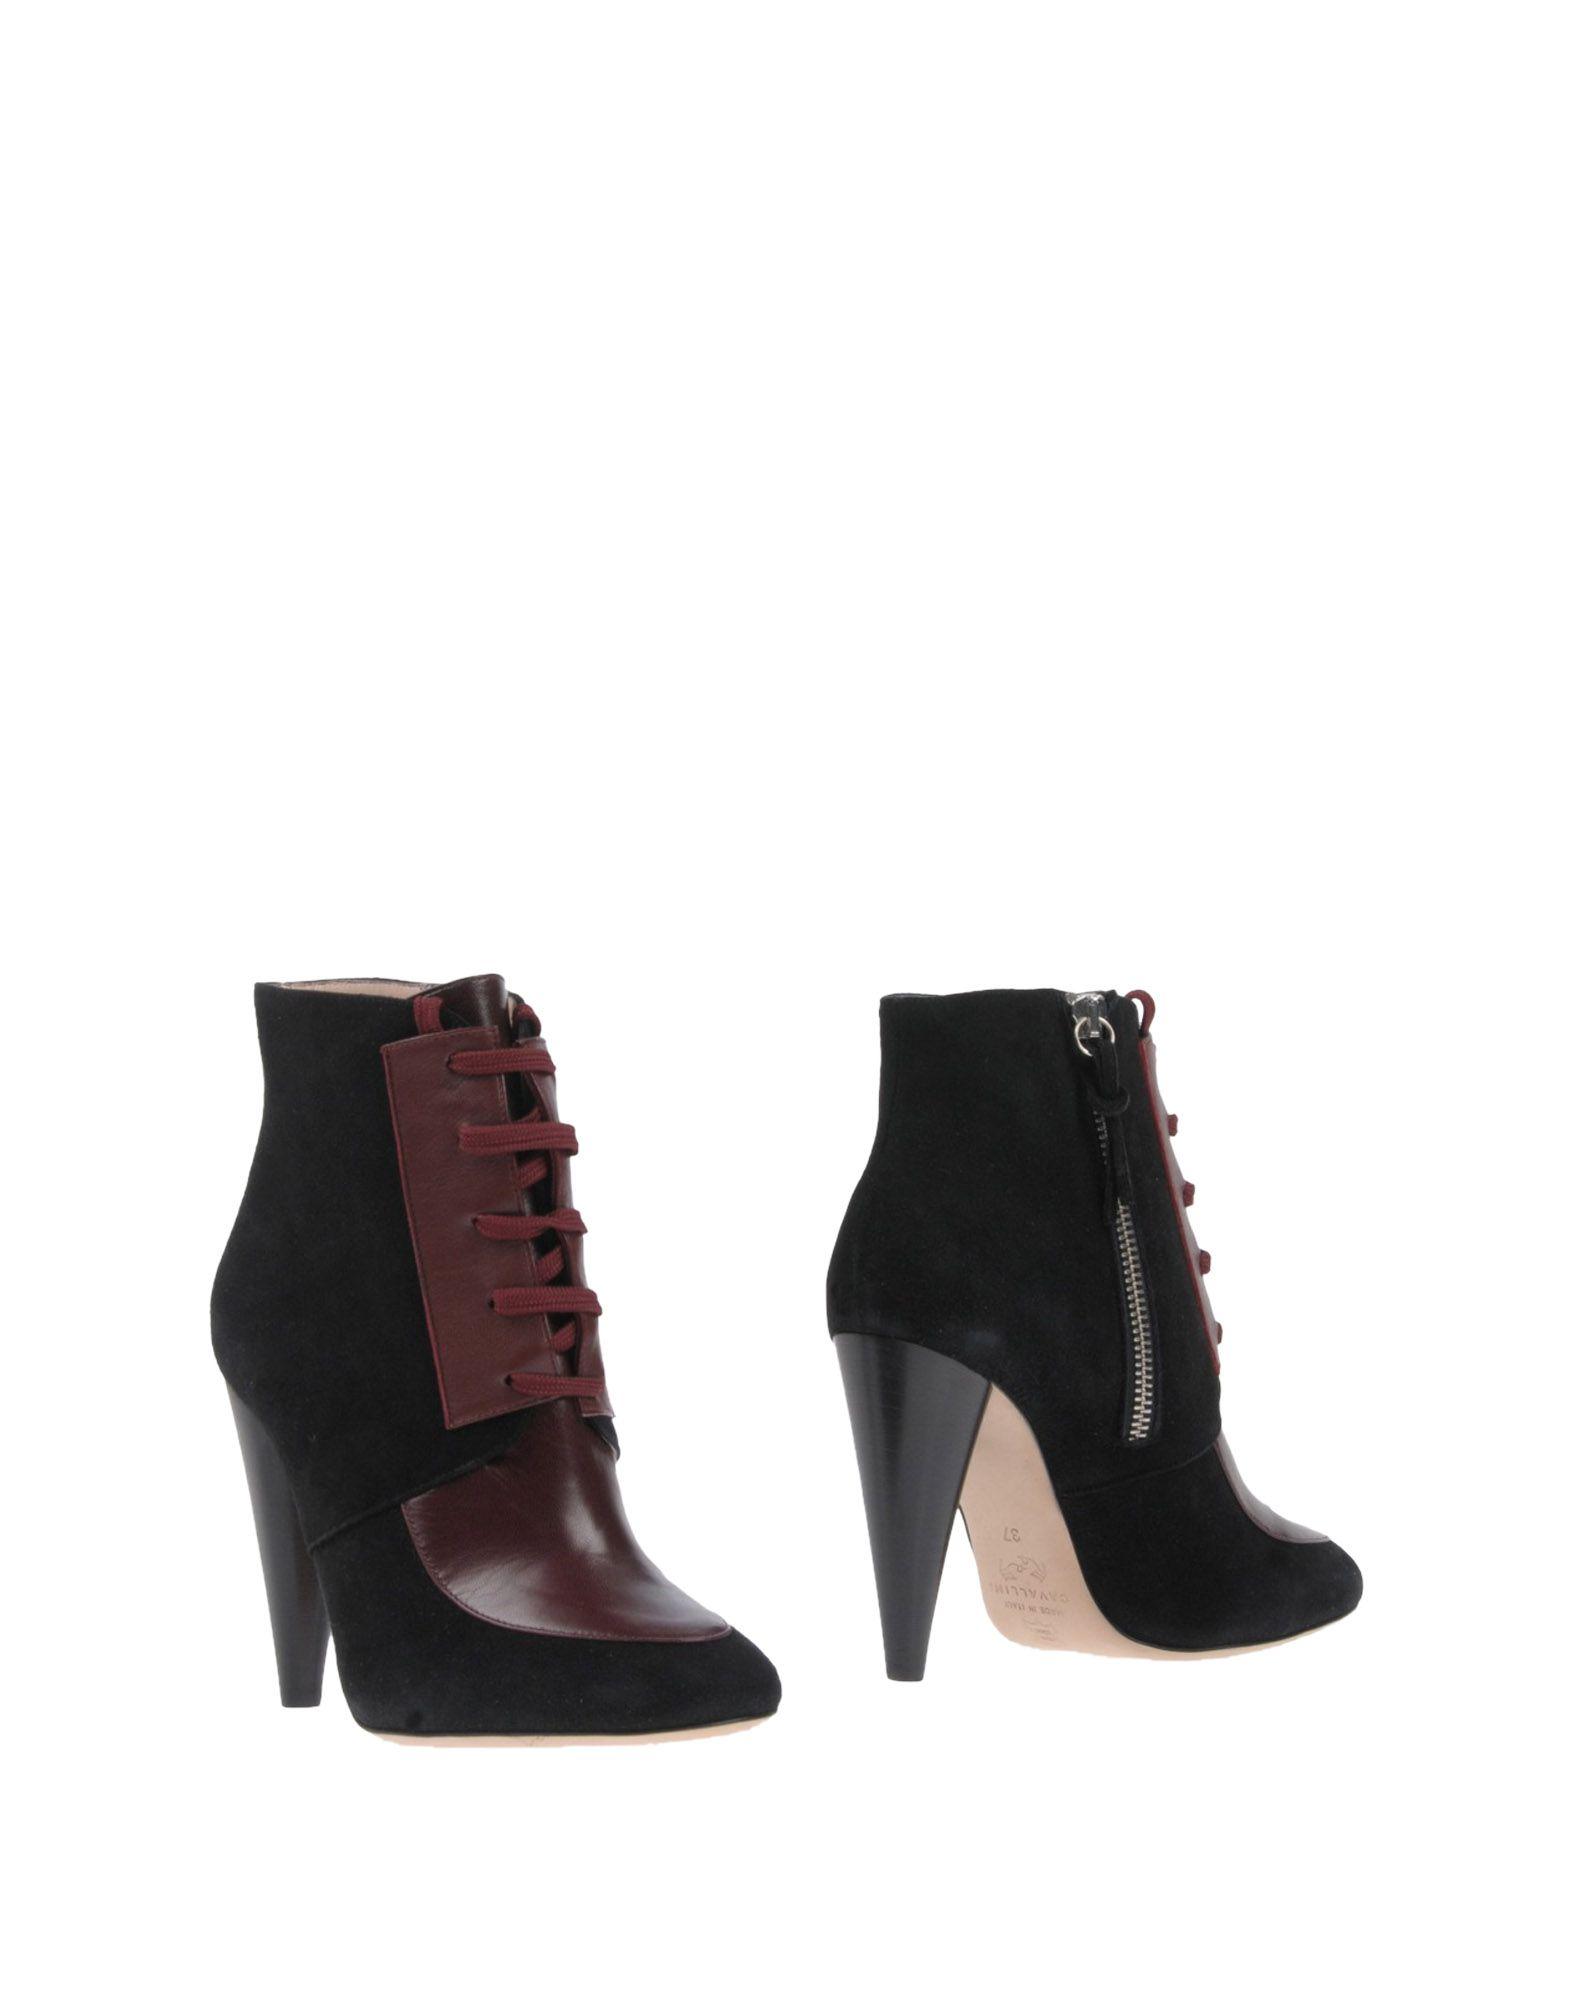 Stilvolle billige  Schuhe Cavallini Stiefelette Damen  billige 11455054QN 888264